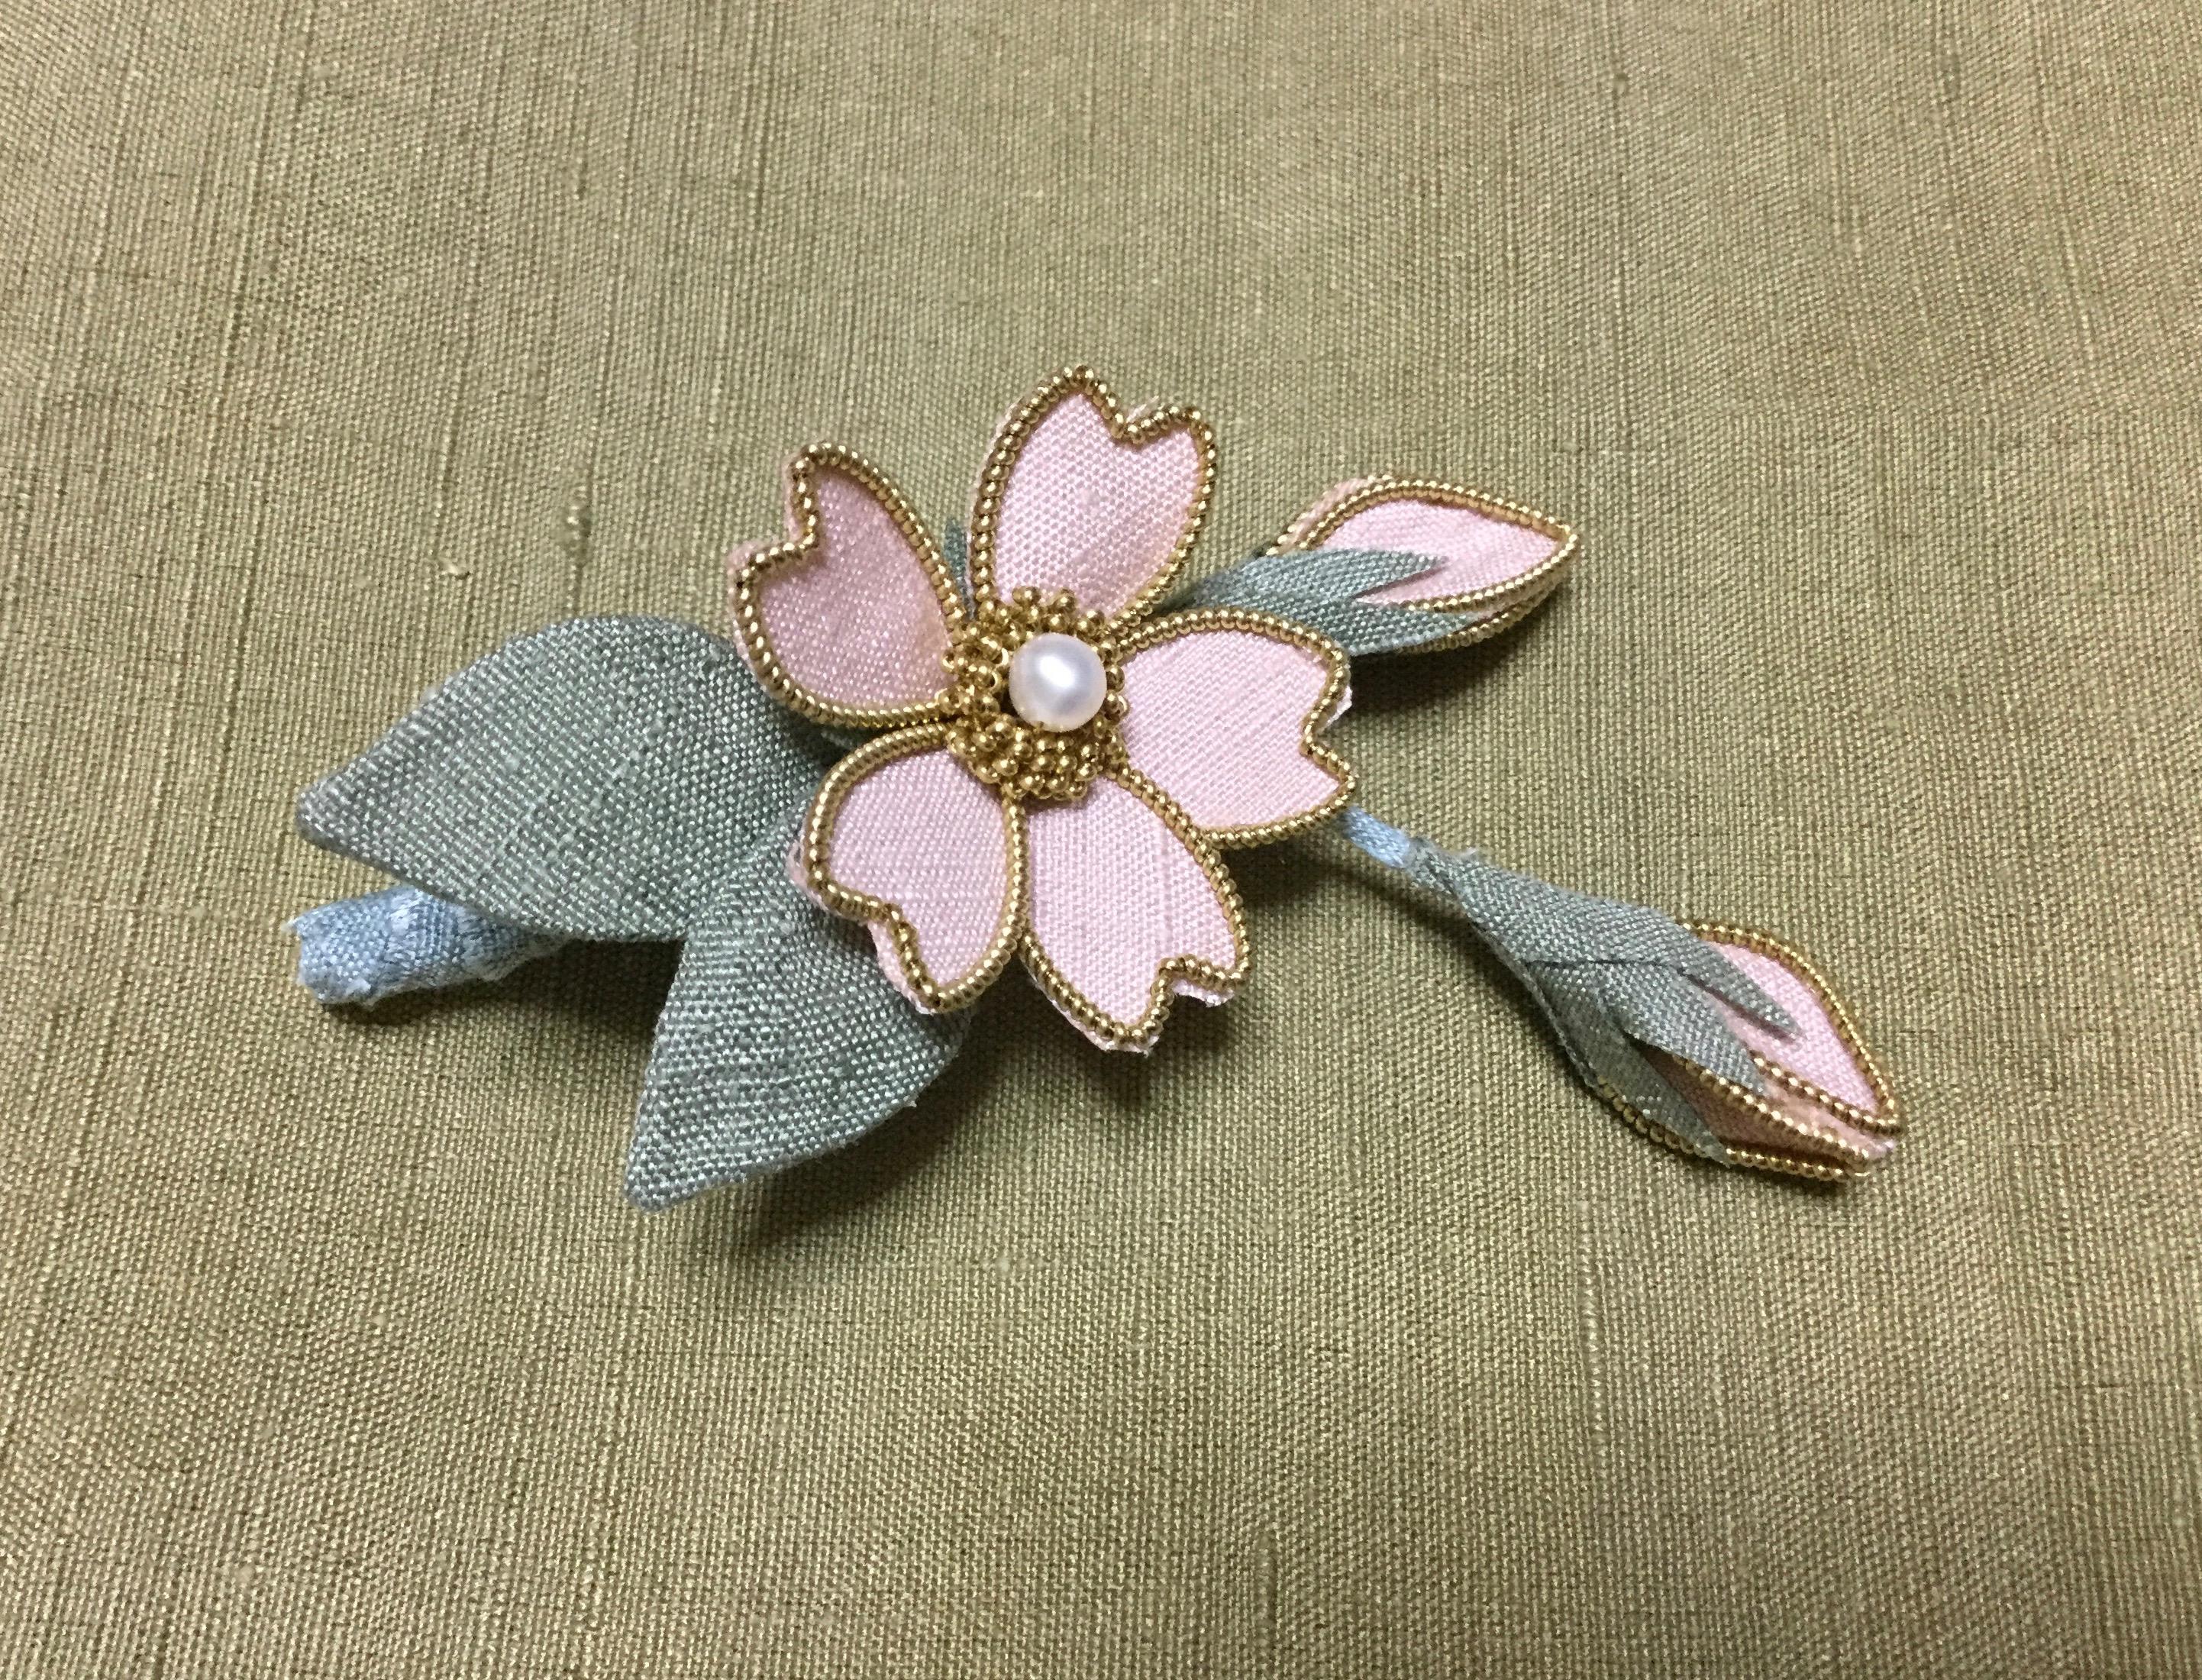 結城紬桜のブローチ